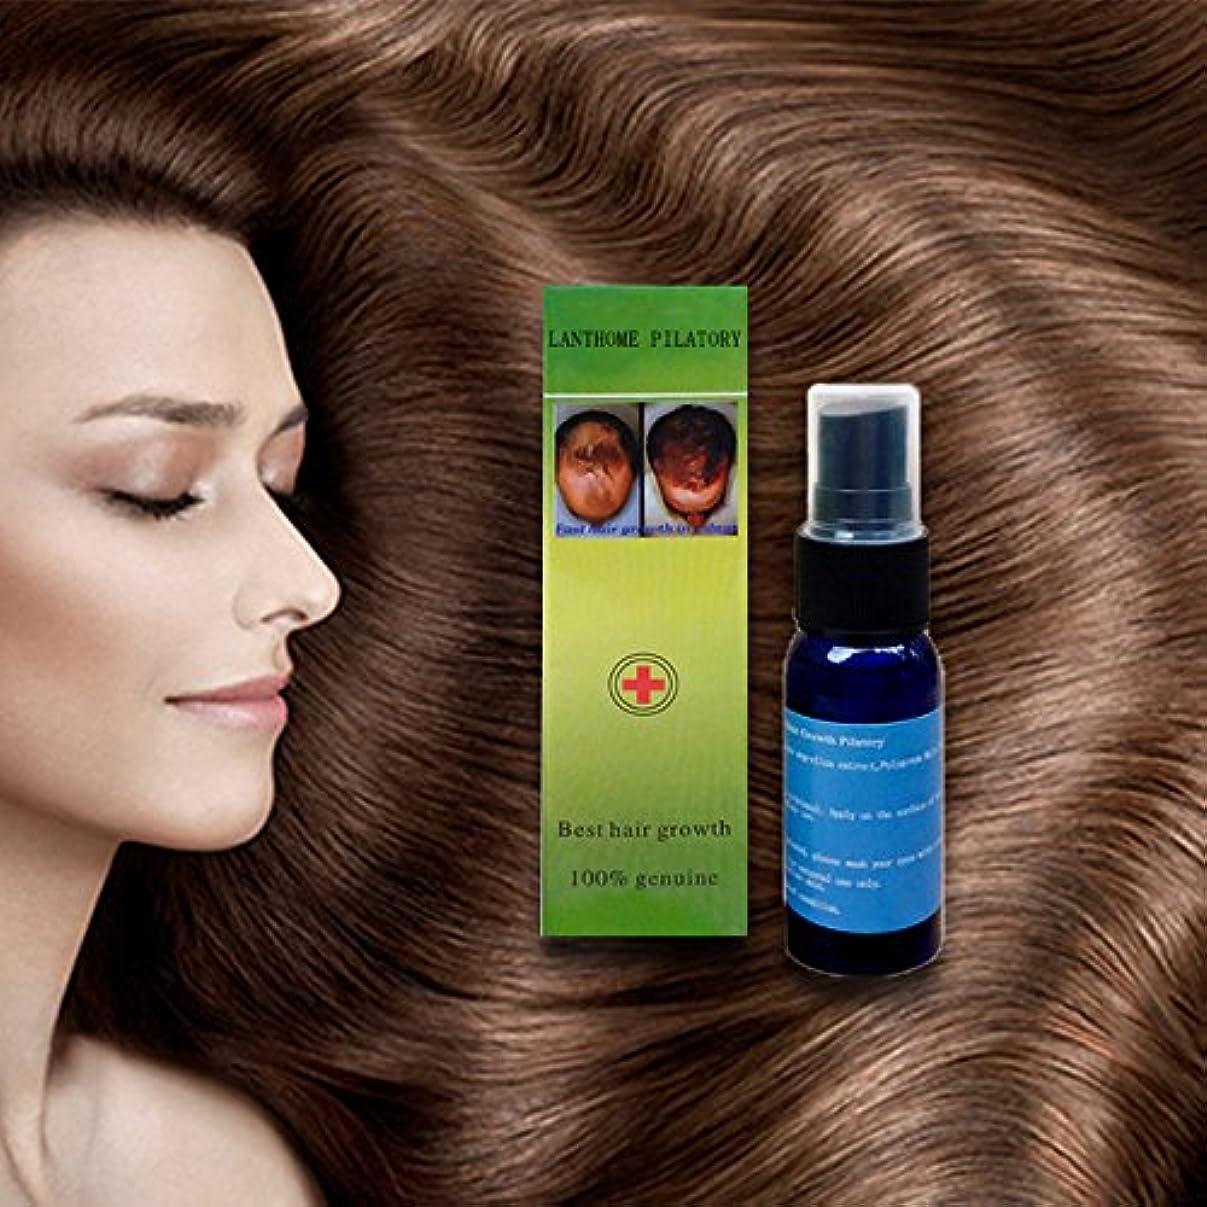 あなたが良くなります極地エントリ5ピースx 30ミリリットルラントーム高速育毛増粘剤エッセンス抗抜け毛治療液体再成長血清ユニセックス用男性と女性 (5Pcs X 30ML Lanthome Fast Hair Growth Thickener Essence...